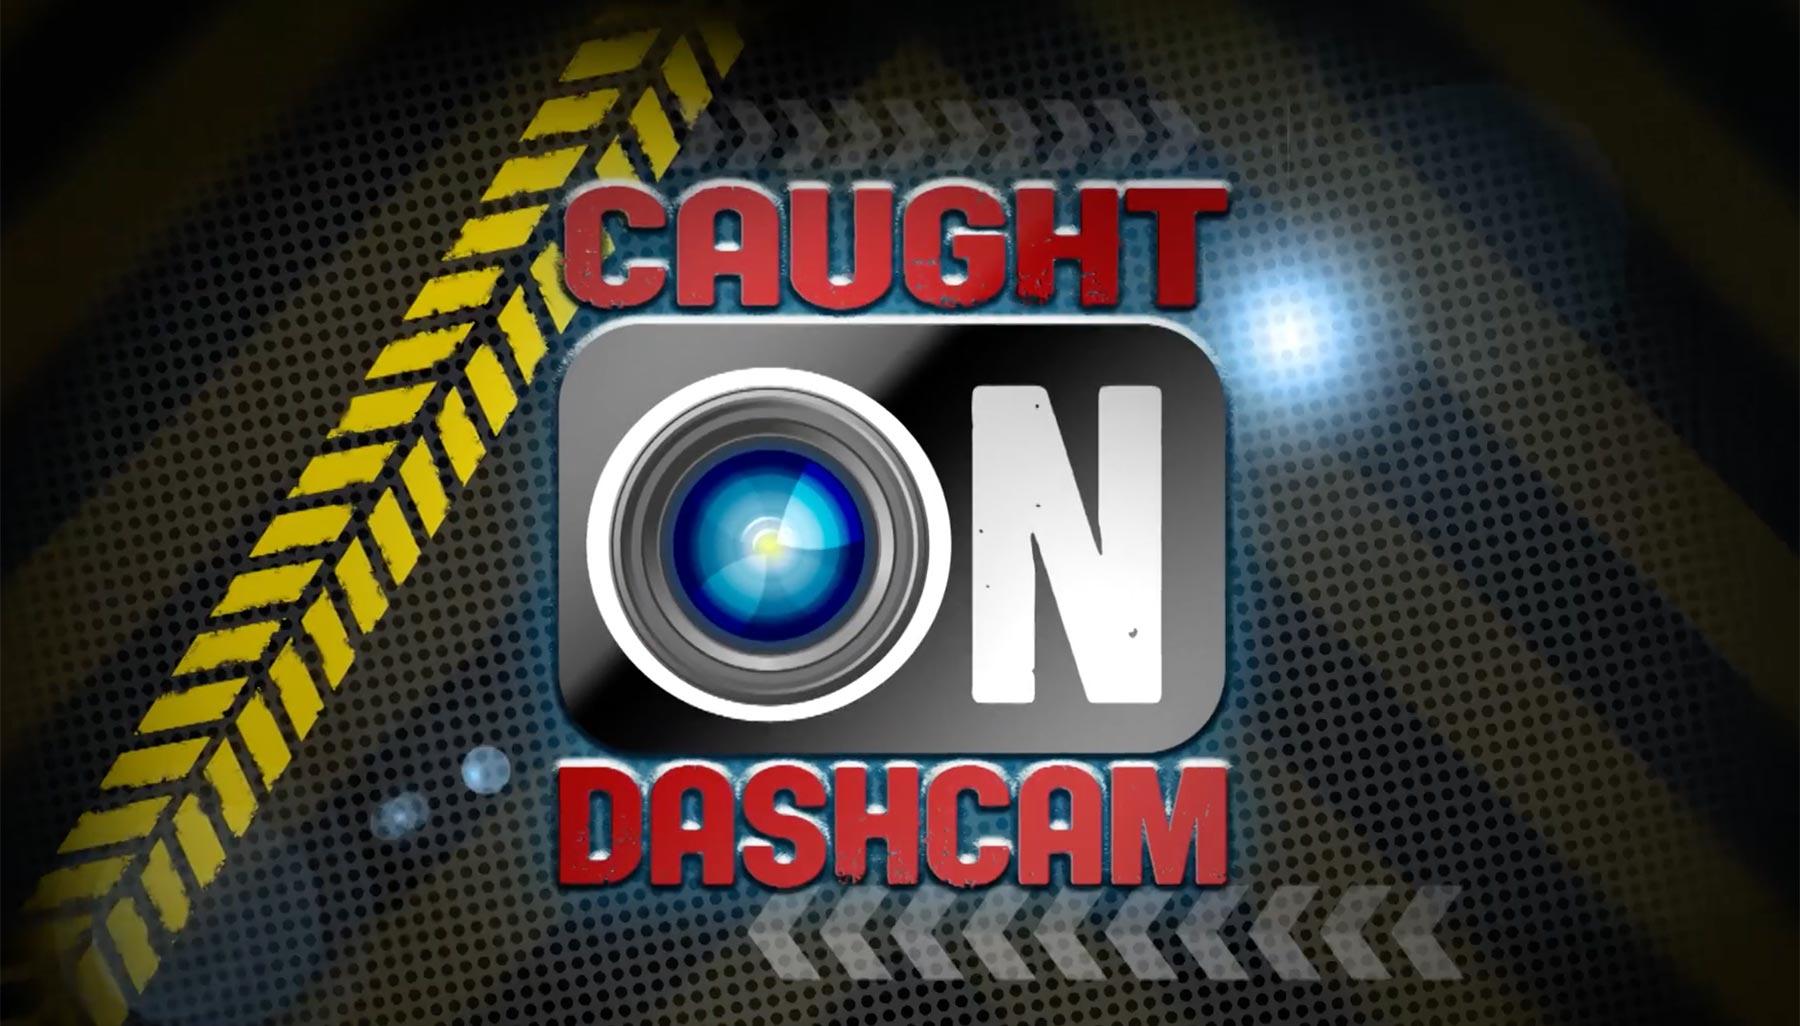 Caught on Dash Cam 10 x 30